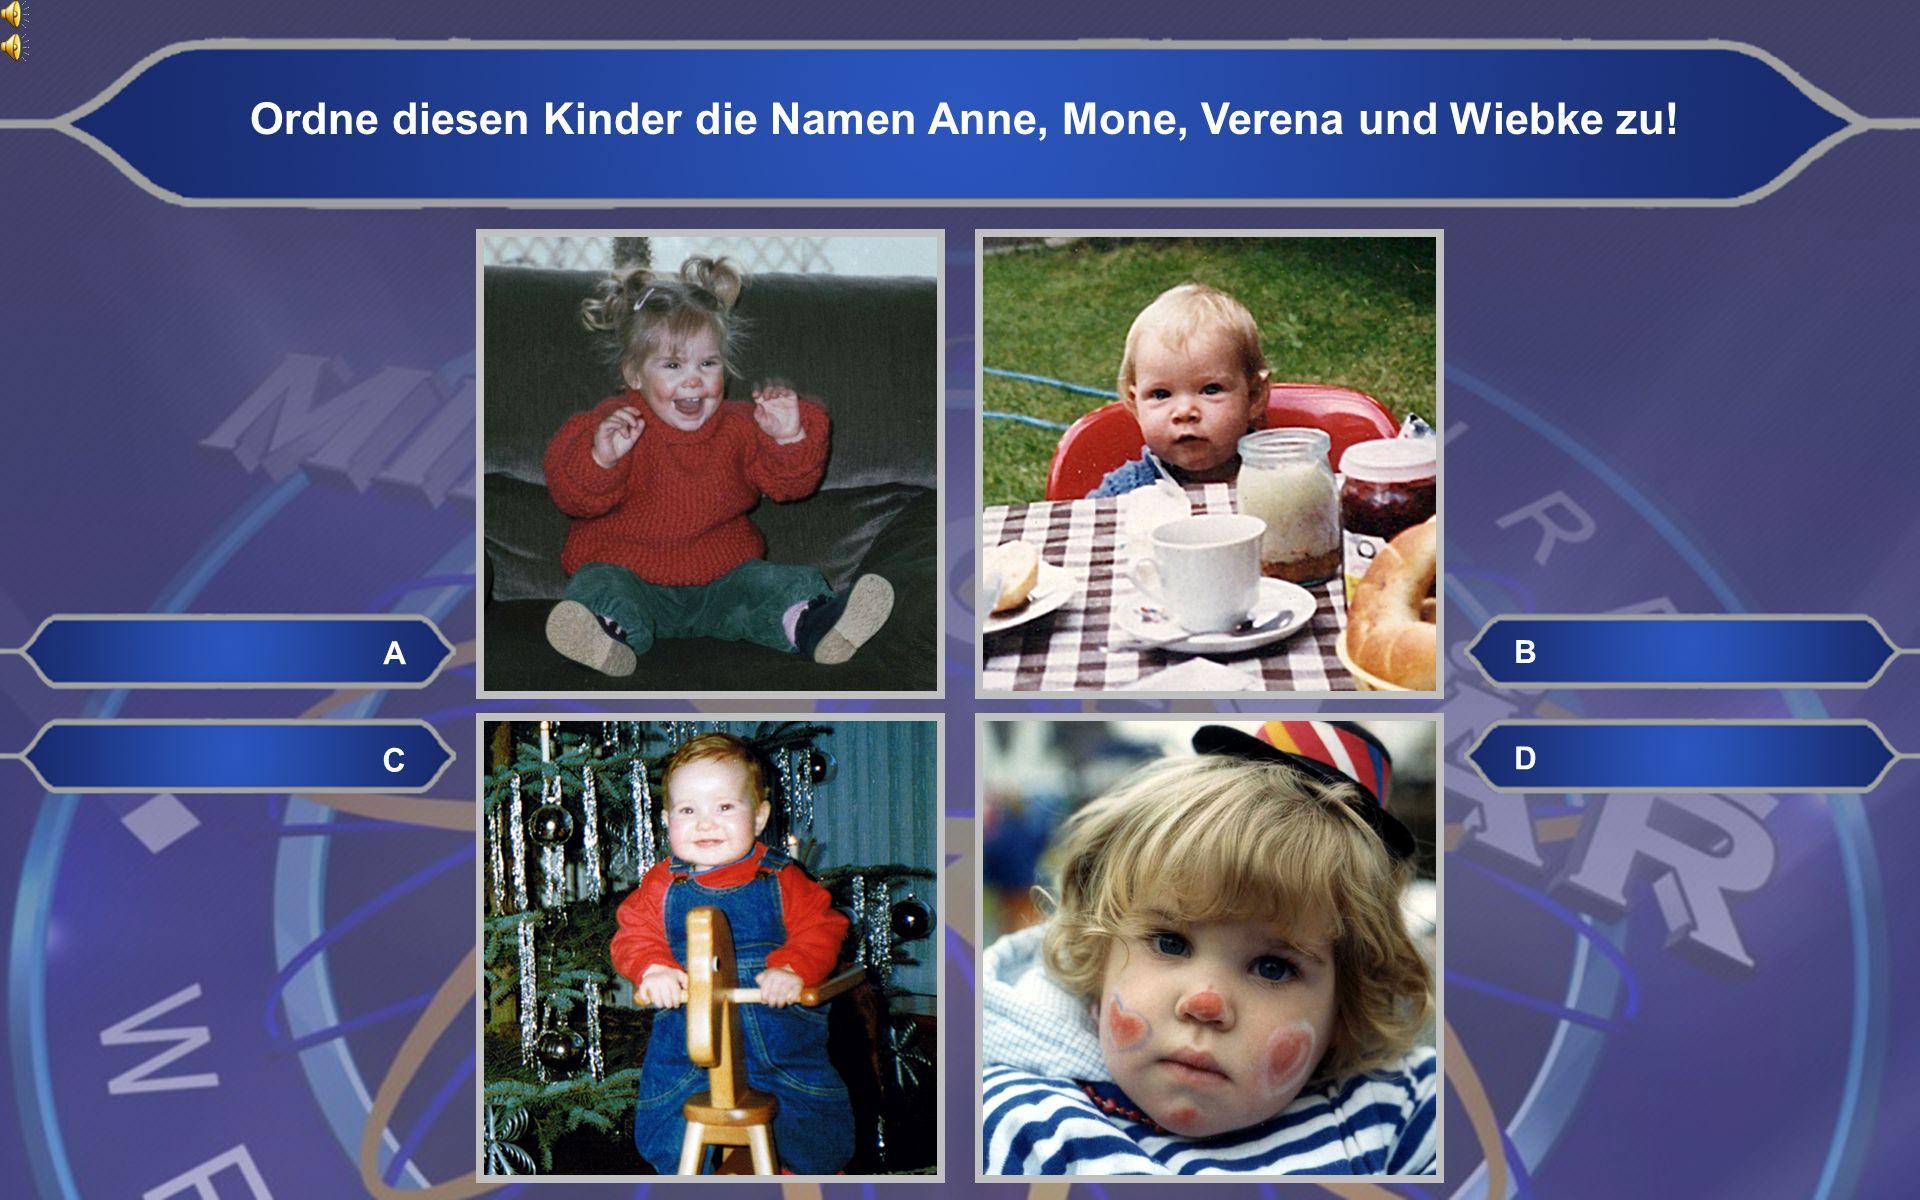 A: Mone B: Wiebke D: Anne C: Verena Ordne diesen Kinder die Namen Anne, Mone, Verena und Wiebke zu!